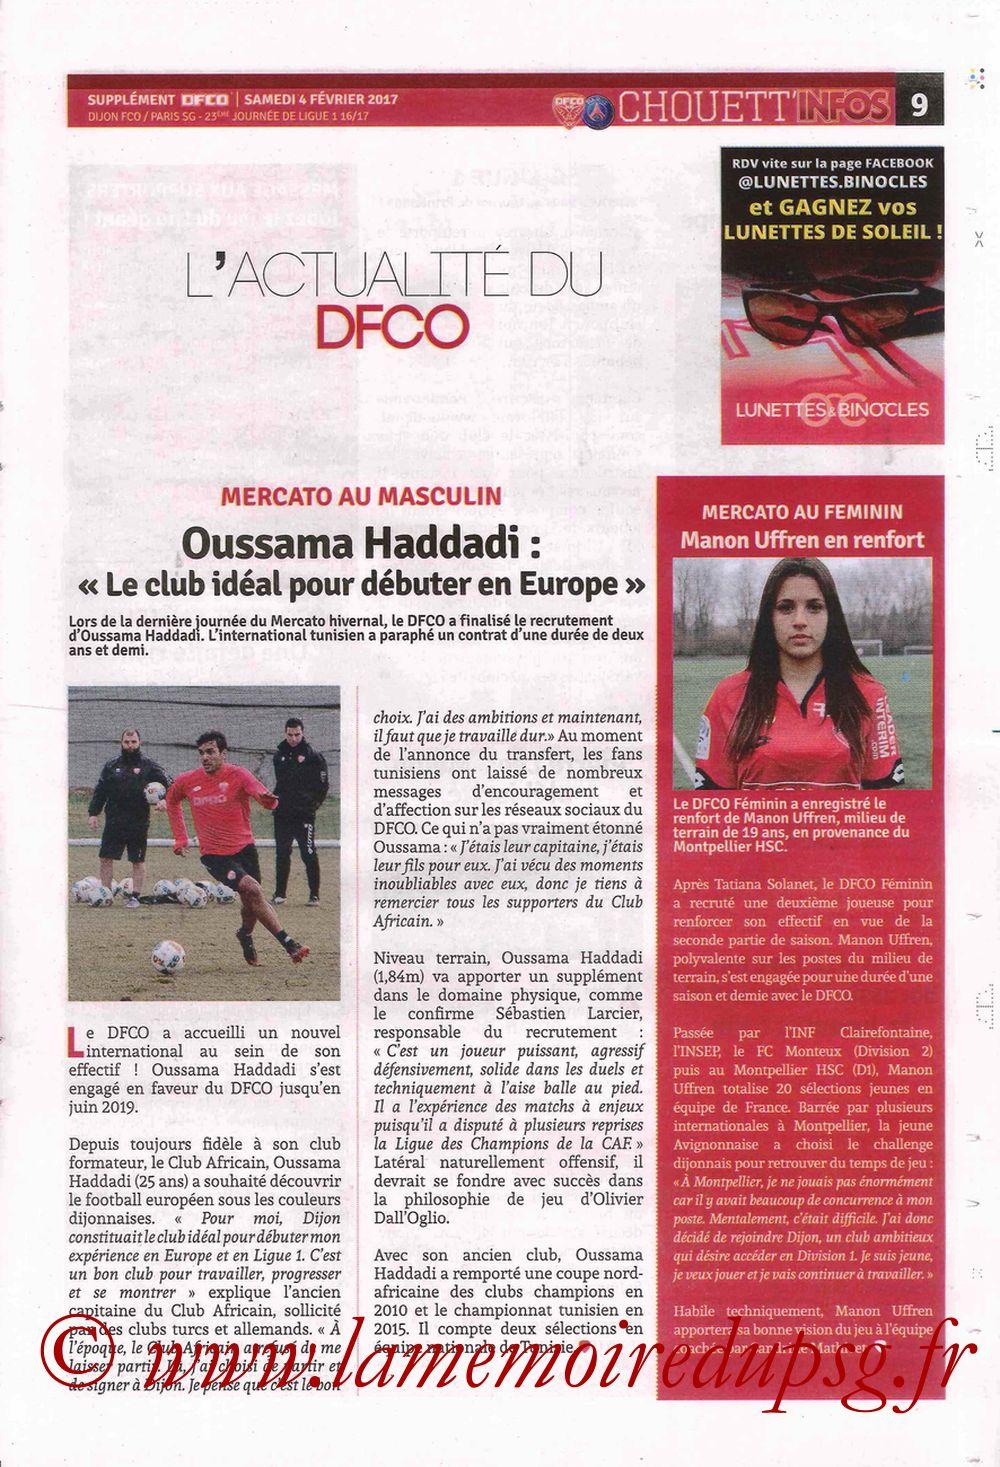 2017-02-04  Dijon-PSG (23ème L1, Chouett' Info N°12) - Page 9